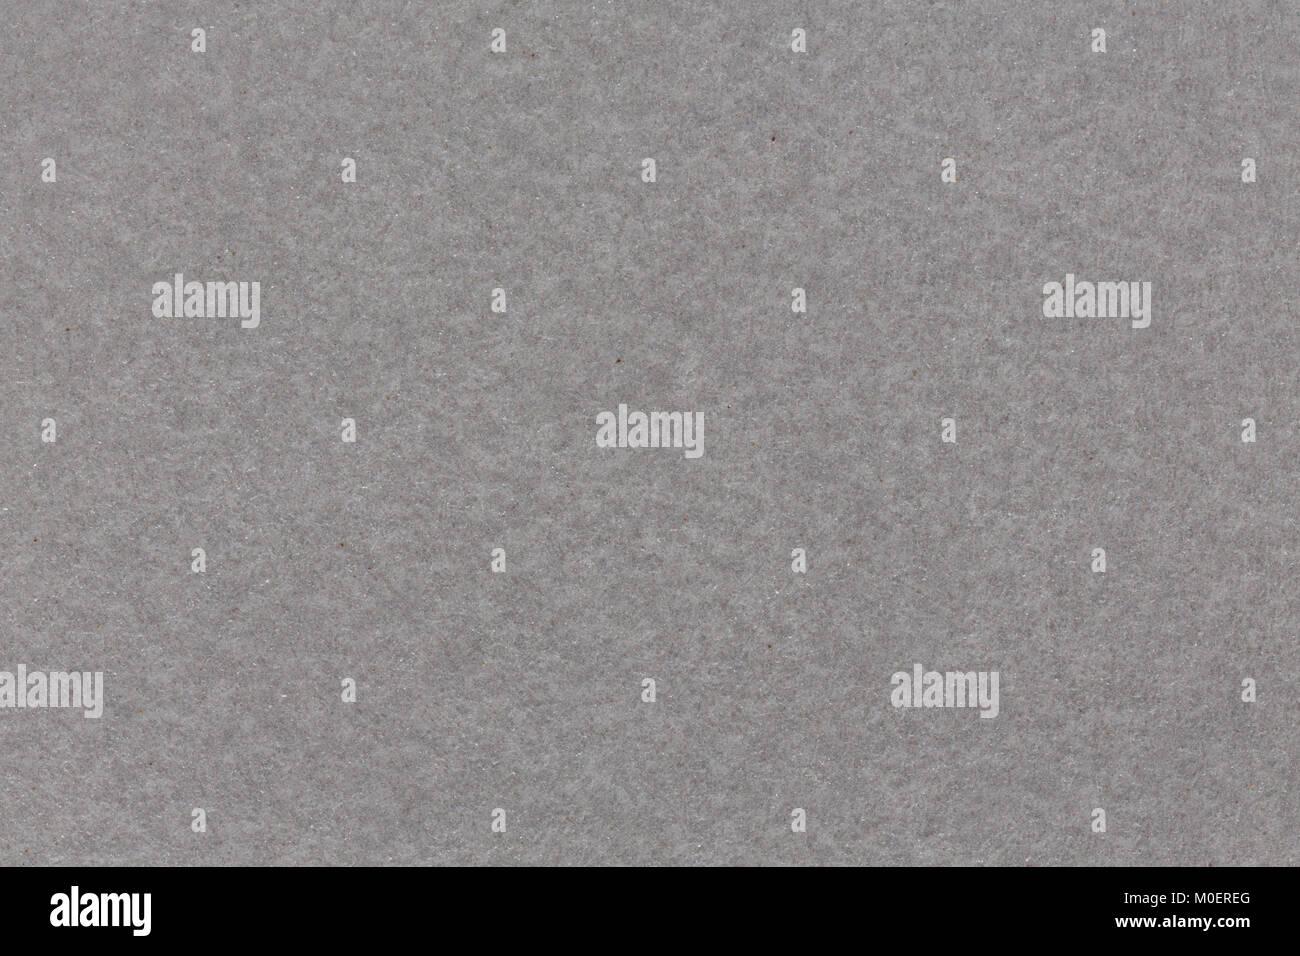 Graues Papier, Textur und Hintergründe. Stockbild